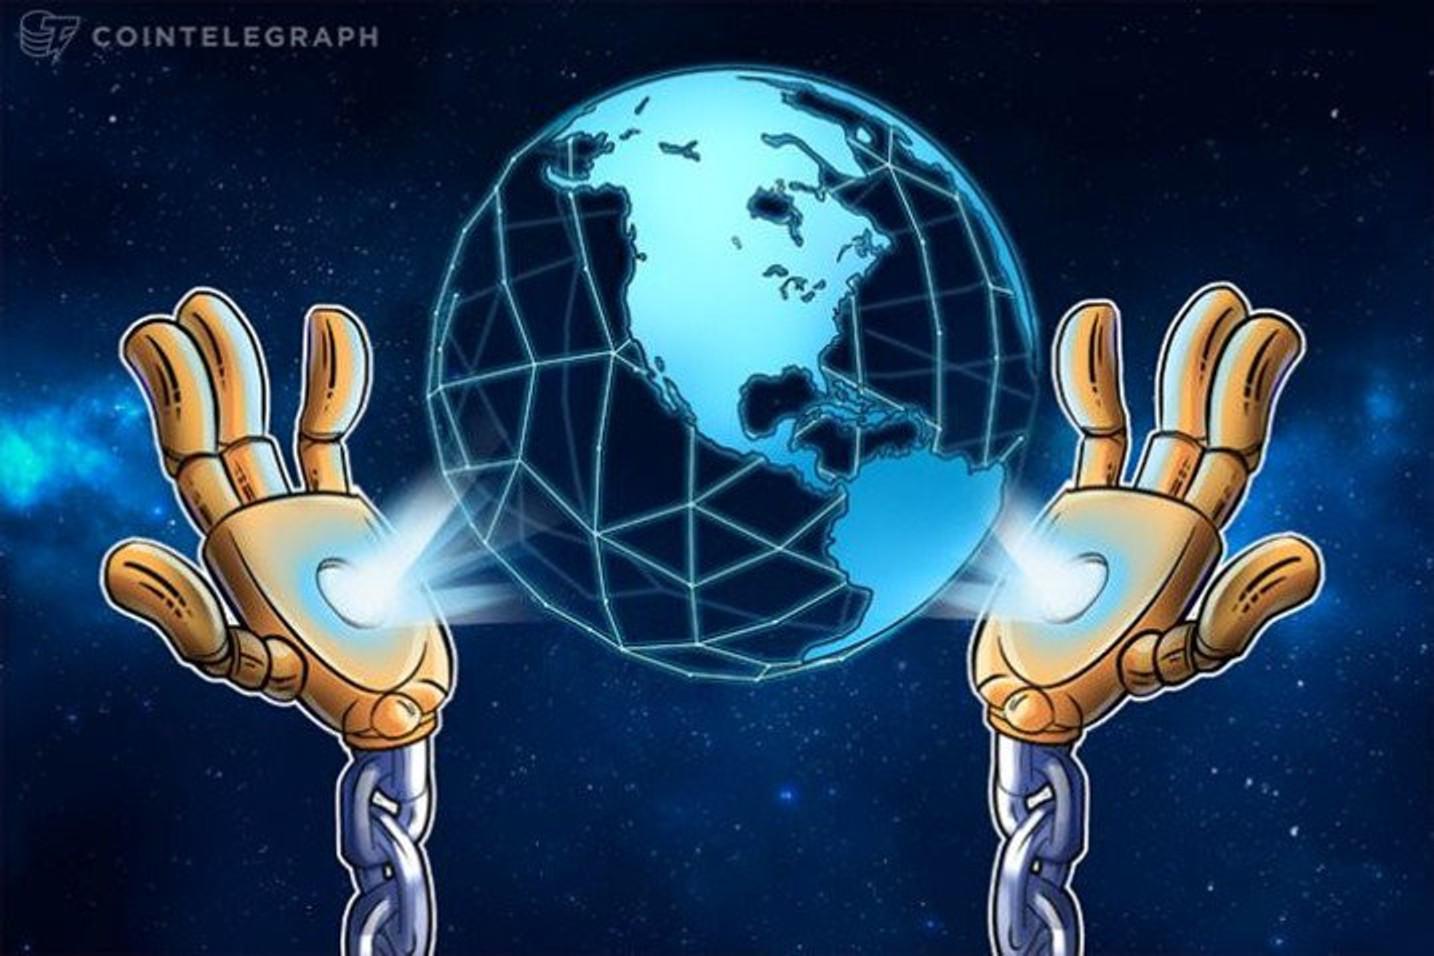 Brasil concentra mais traders de criptomoedas que Venezuela, México e Canadá, segundo pesquisa